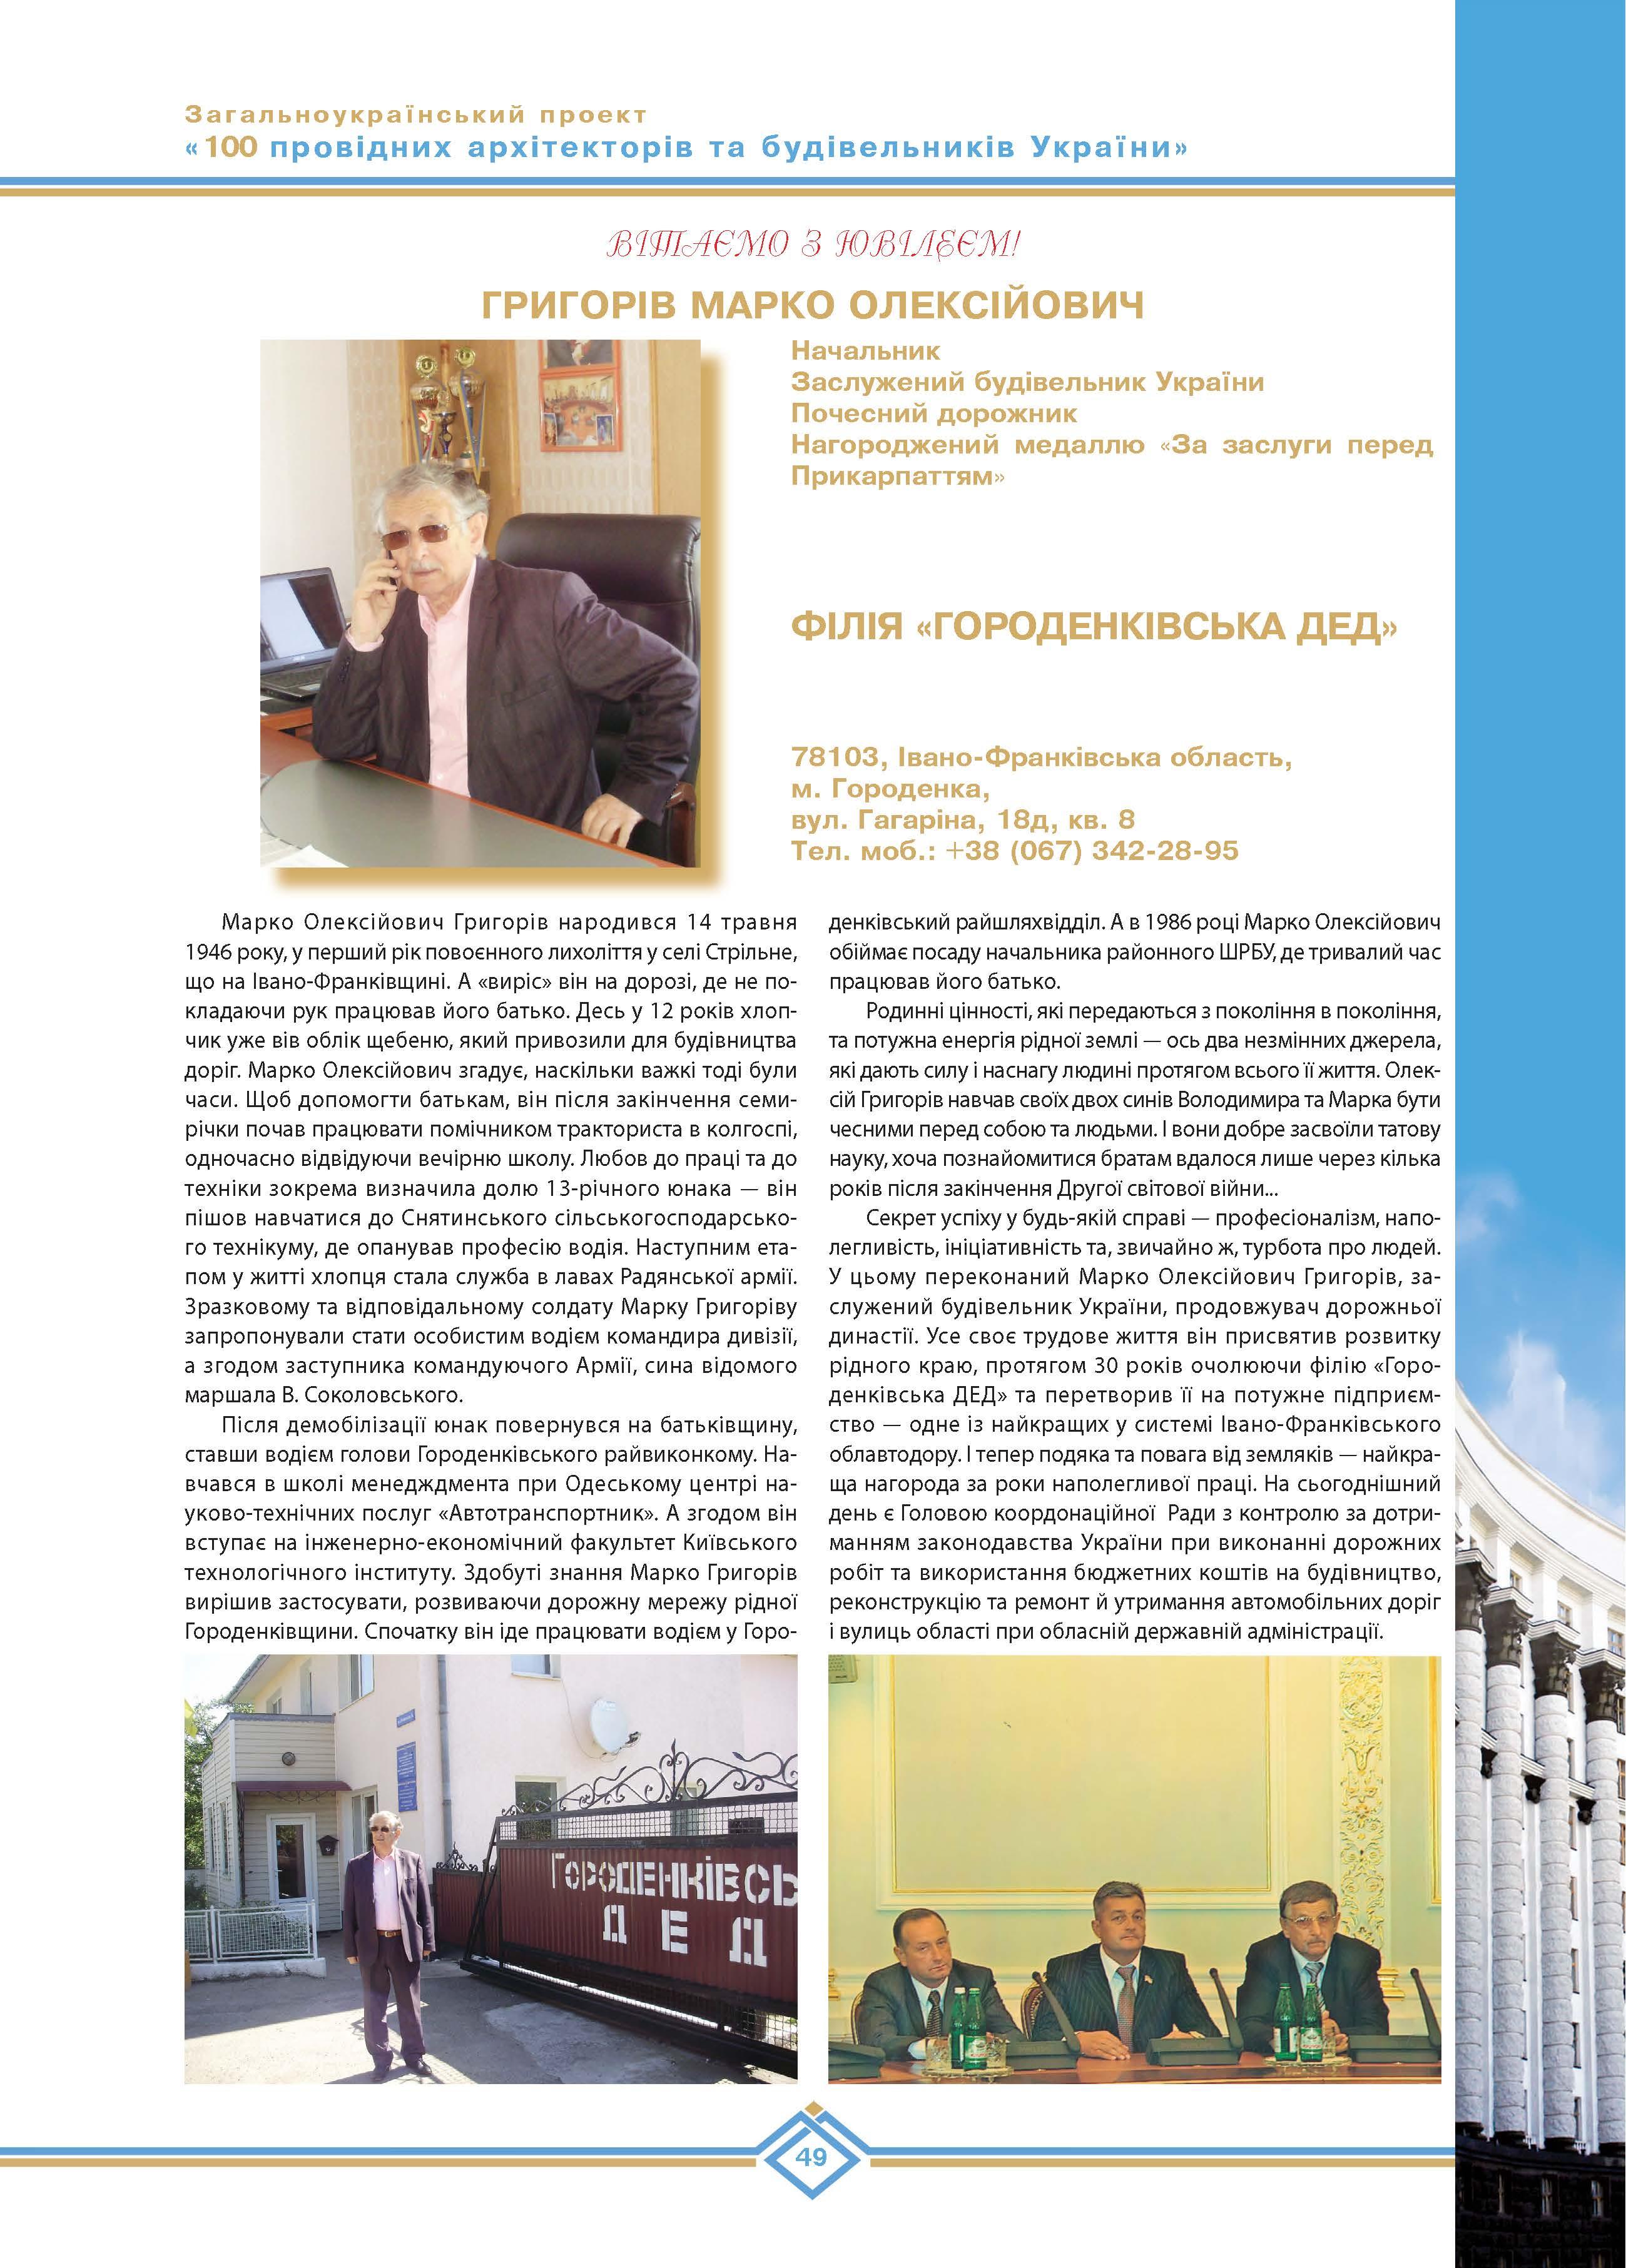 Григорів Марко Олексійович